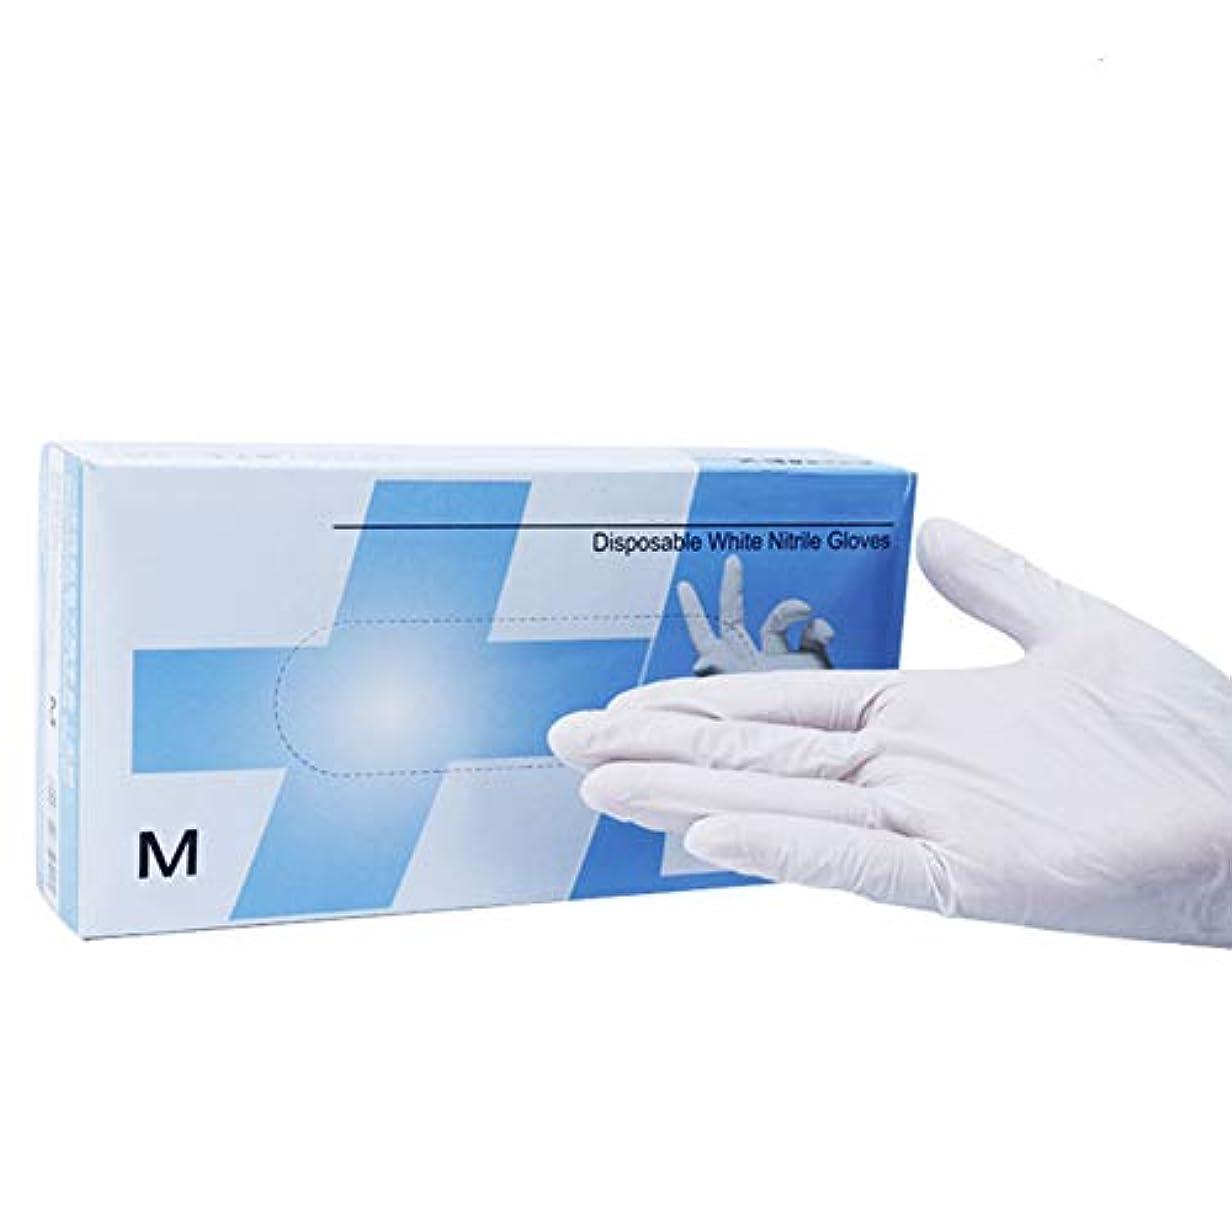 是正する中国断片パウダーフリー 生殖不能 メディカル 白 ニトリル 手袋、 使い捨て 安全性 滑り止め ビニール 検査 グローブ、 に適し クリーニング、 食品加工、 (100個/ 1箱),M